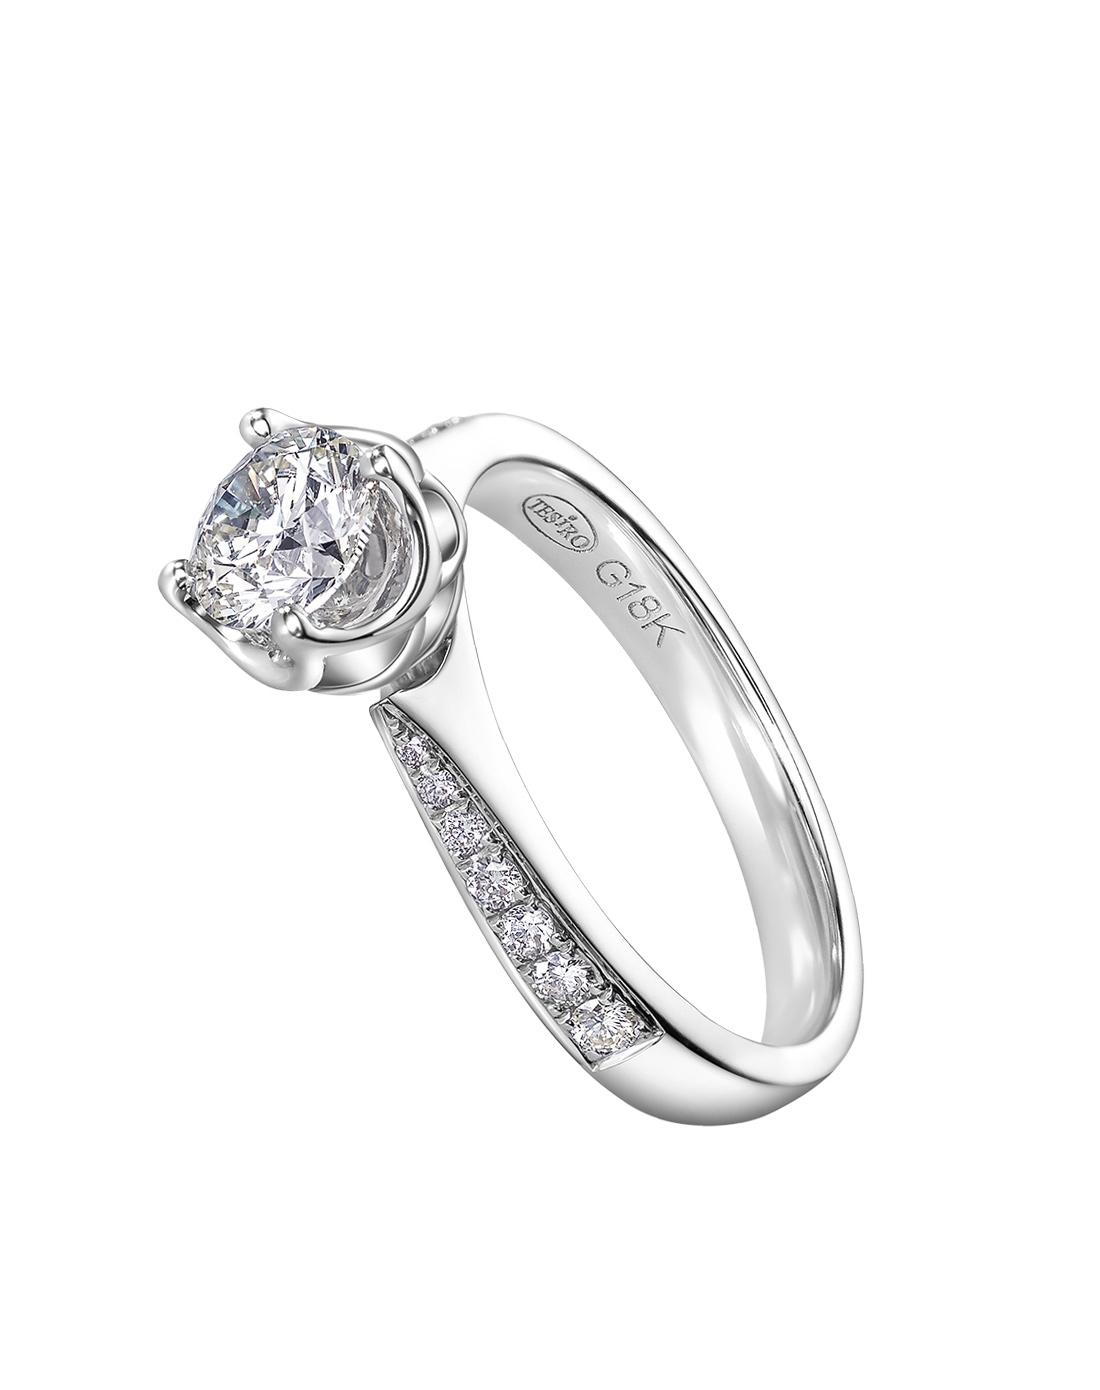 白�9(���,�i)�n(ym�_mas博物馆系列之章子怡款白18k金钻石戒指0.6ct/i/vvs